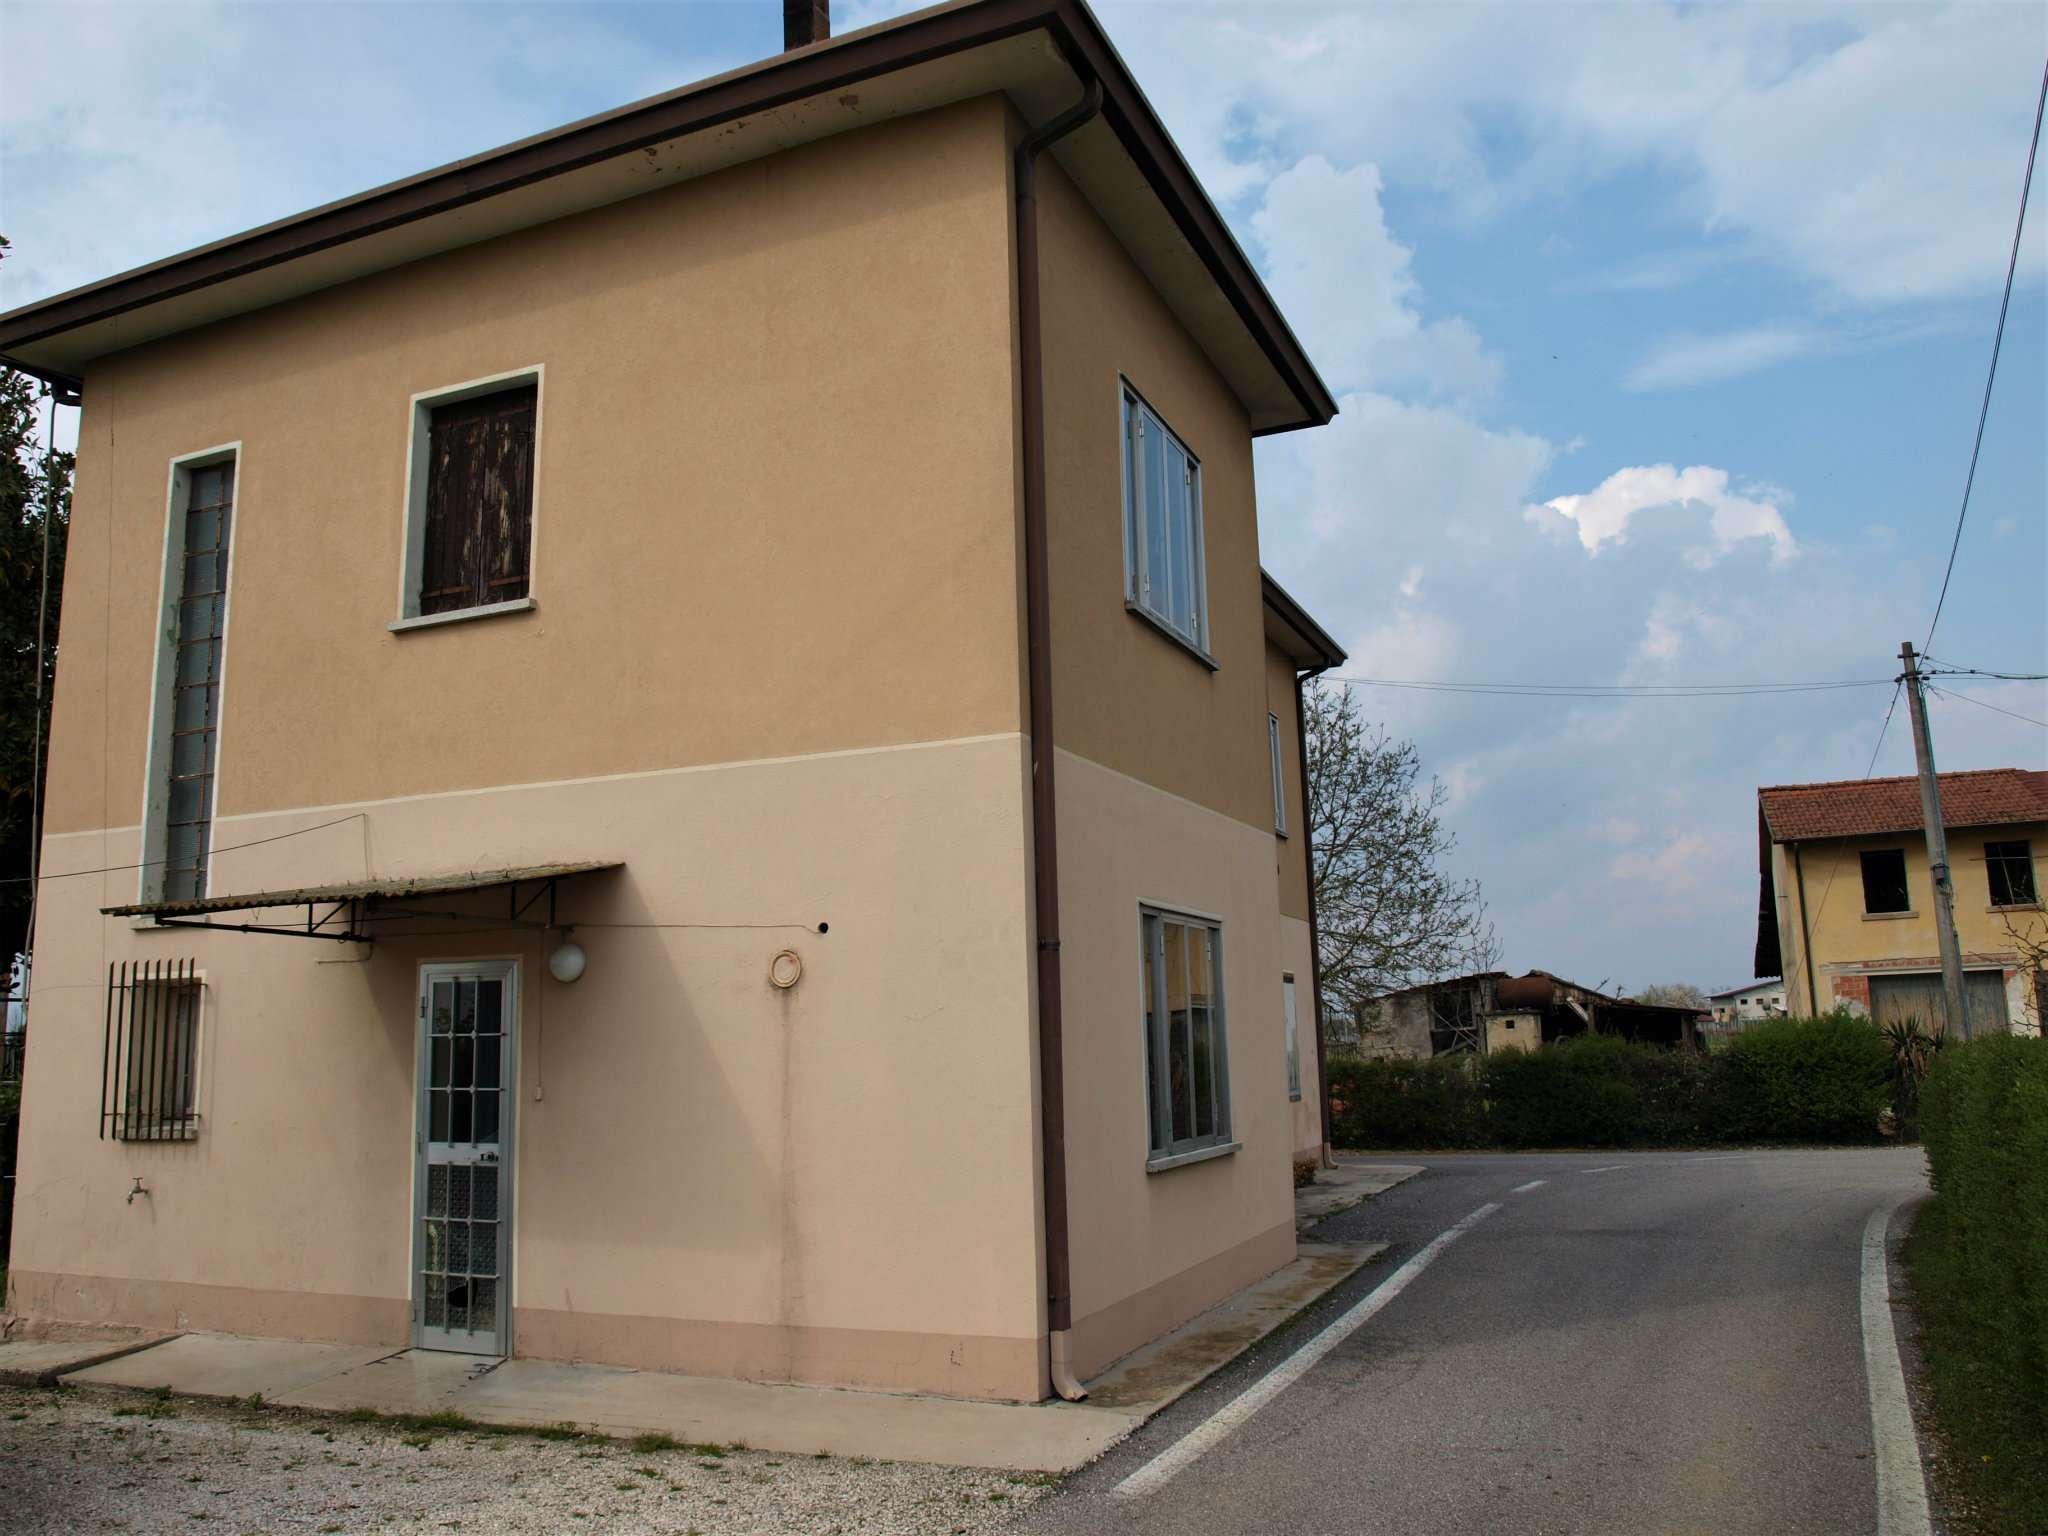 Soluzione Indipendente in vendita a Fontanelle, 4 locali, prezzo € 78.000 | CambioCasa.it